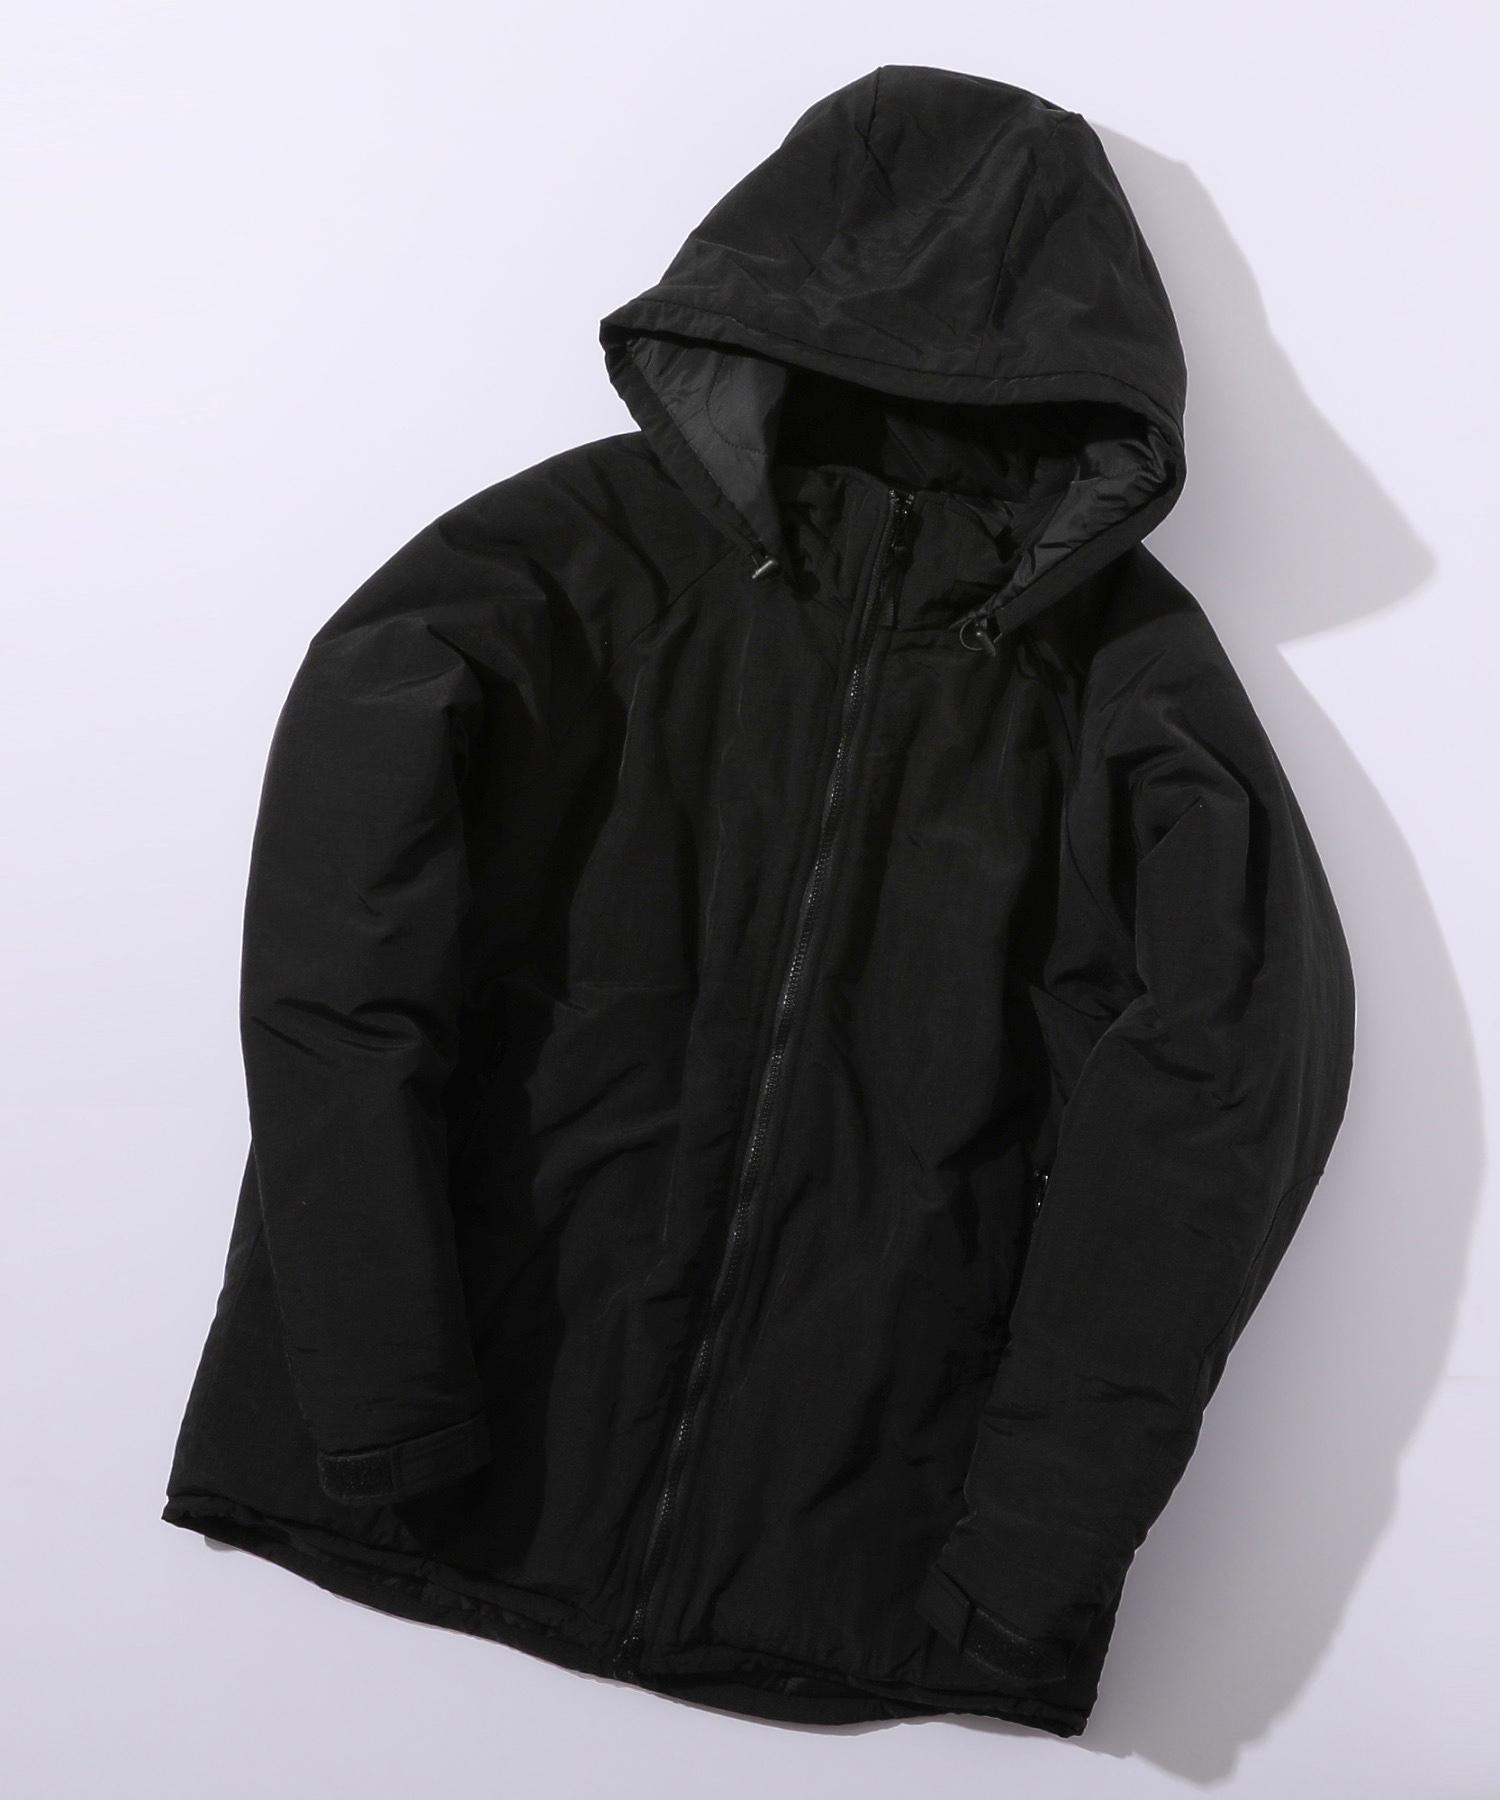 アメリカンラグシー AMERICAN RAG CIE  / シンサレートジャケット Thinsulate Padded Jacket